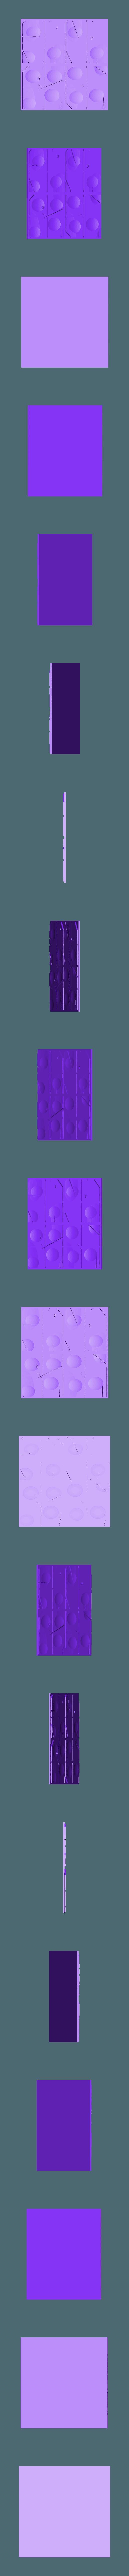 2X2_minimal_stone_floor.stl Download free STL file Minimalist Flooring • 3D printer template, mrhers2